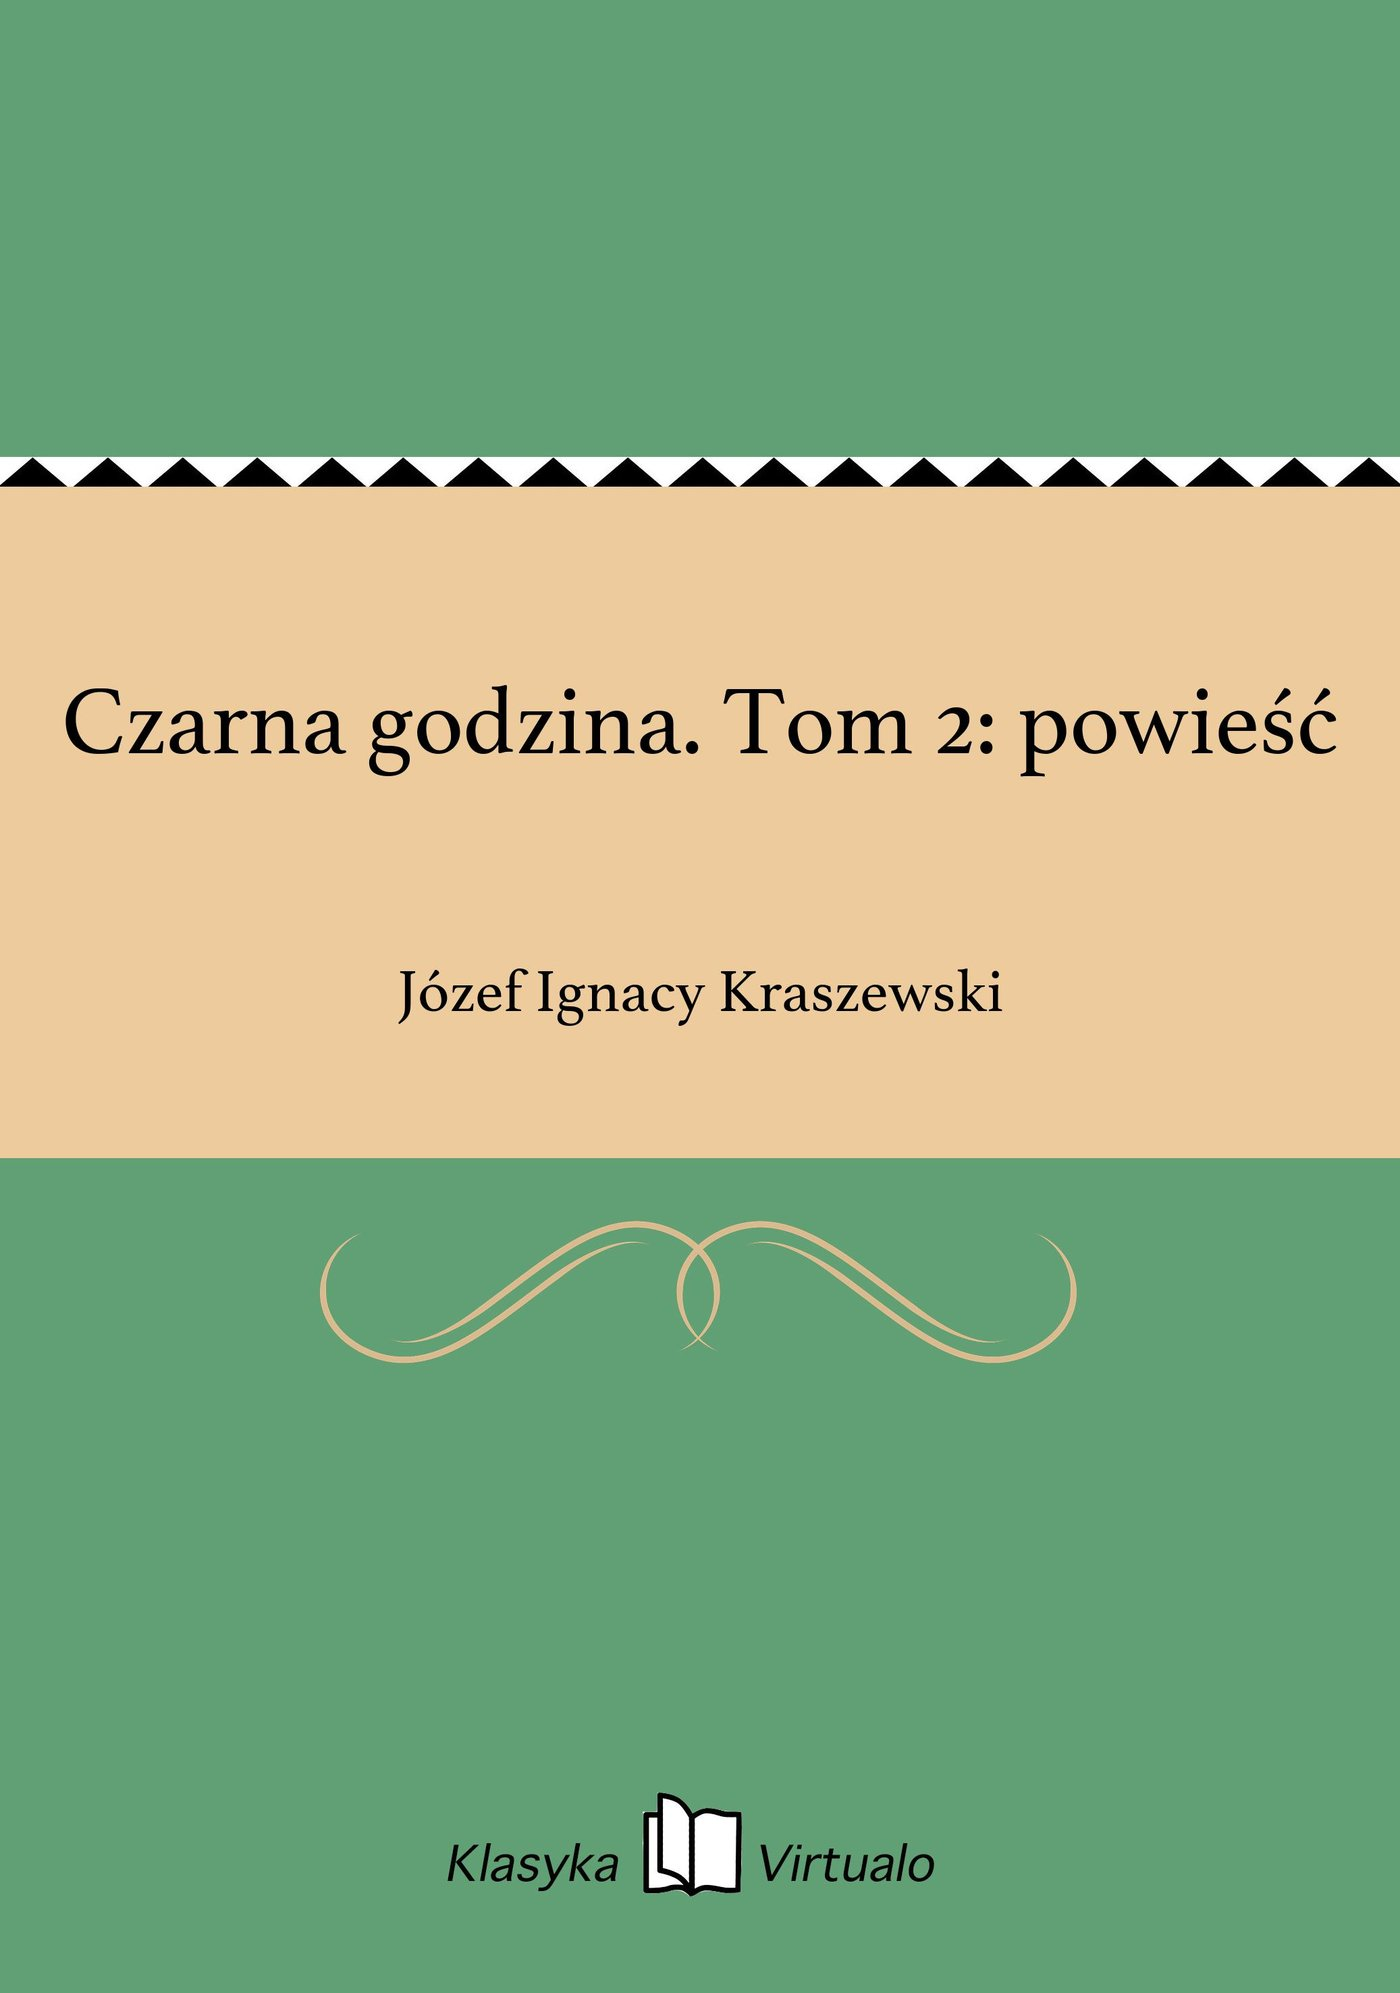 Czarna godzina. Tom 2: powieść - Ebook (Książka EPUB) do pobrania w formacie EPUB